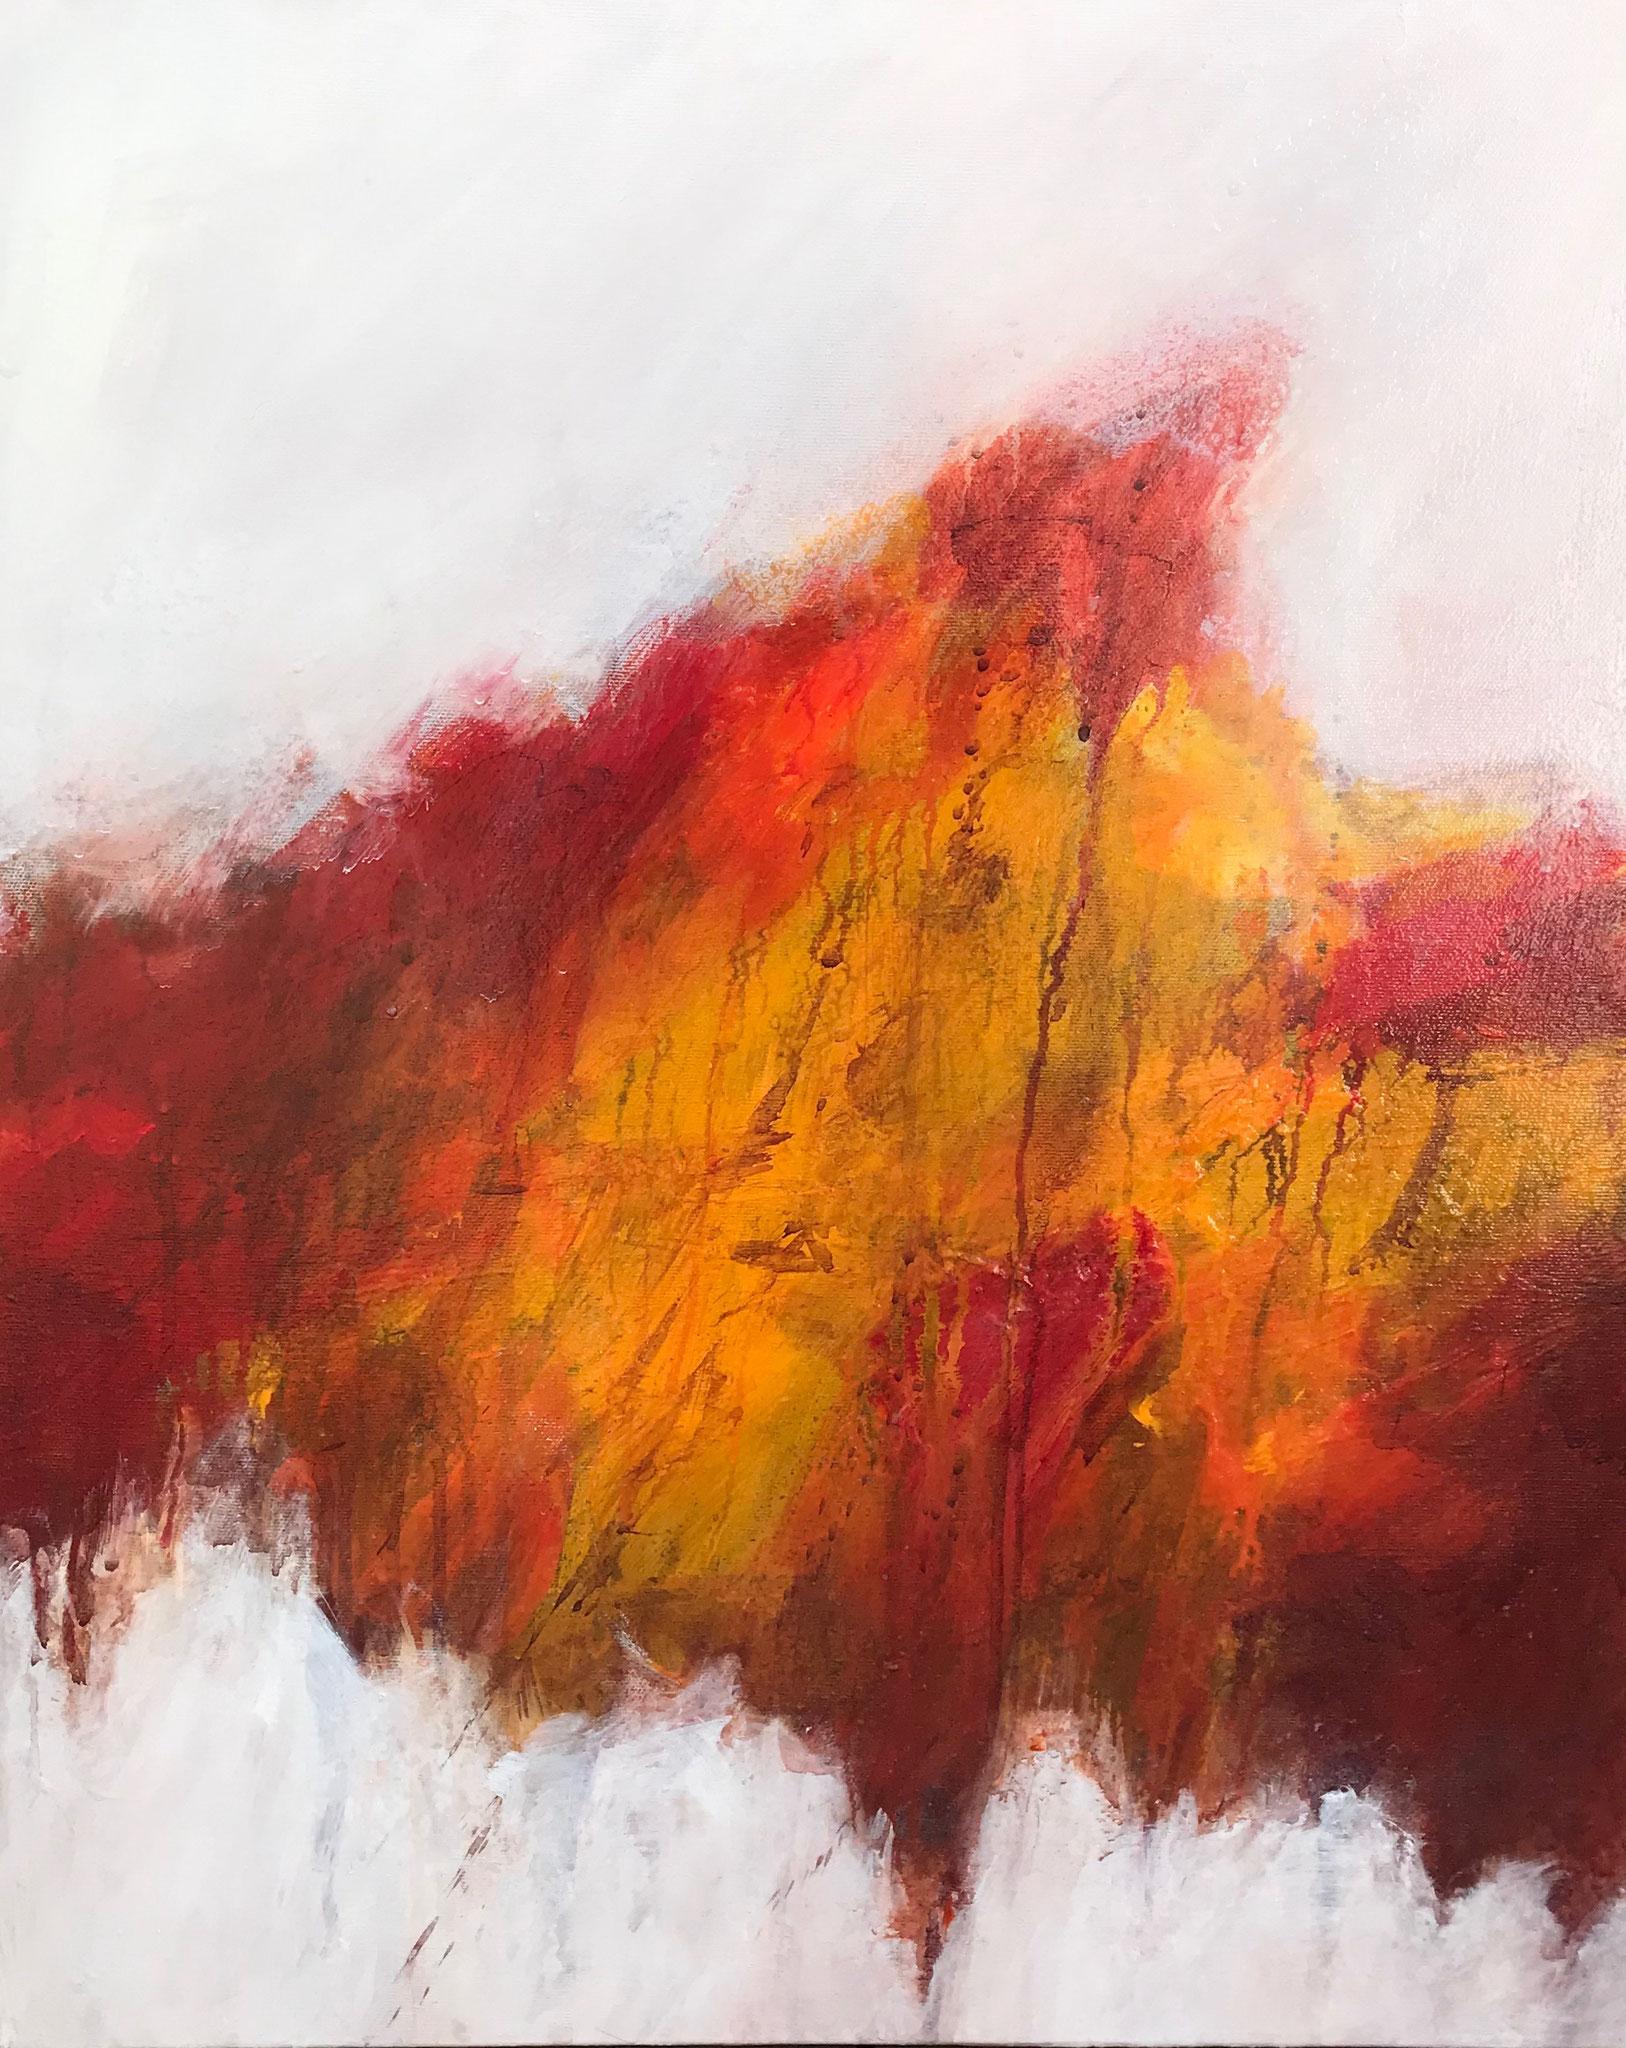 Le Châtiment # 1 - 65 x 54 cm - Acrylique sur toile - 2019